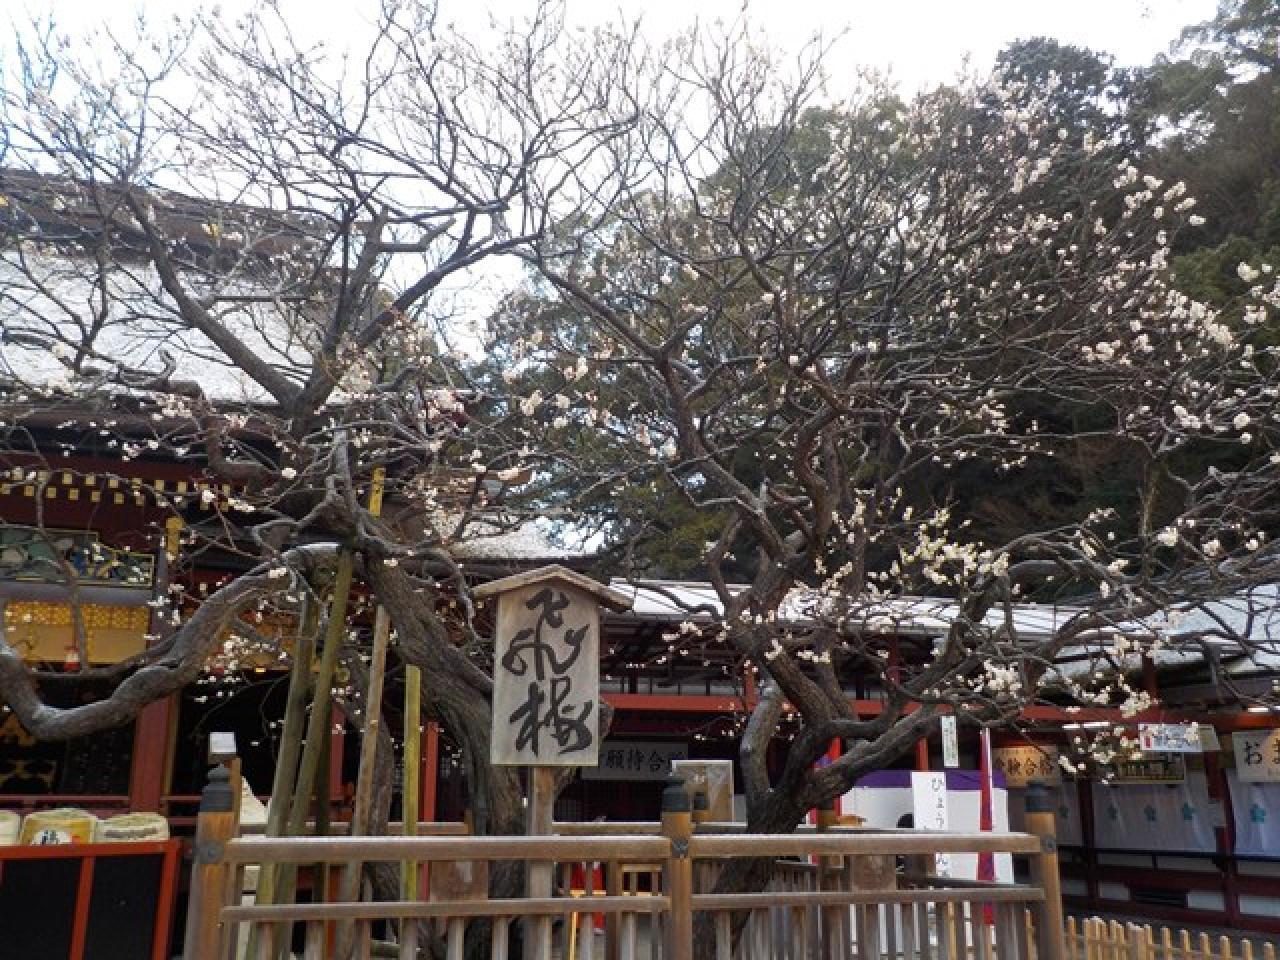 0cdbbd889ac 「令和」の典拠になったのは、日本最古の和歌集である万葉集で、太宰府政庁の長官だった大伴旅人が開いた梅花の宴に合わせて詠われた歌の序文から取られたという。